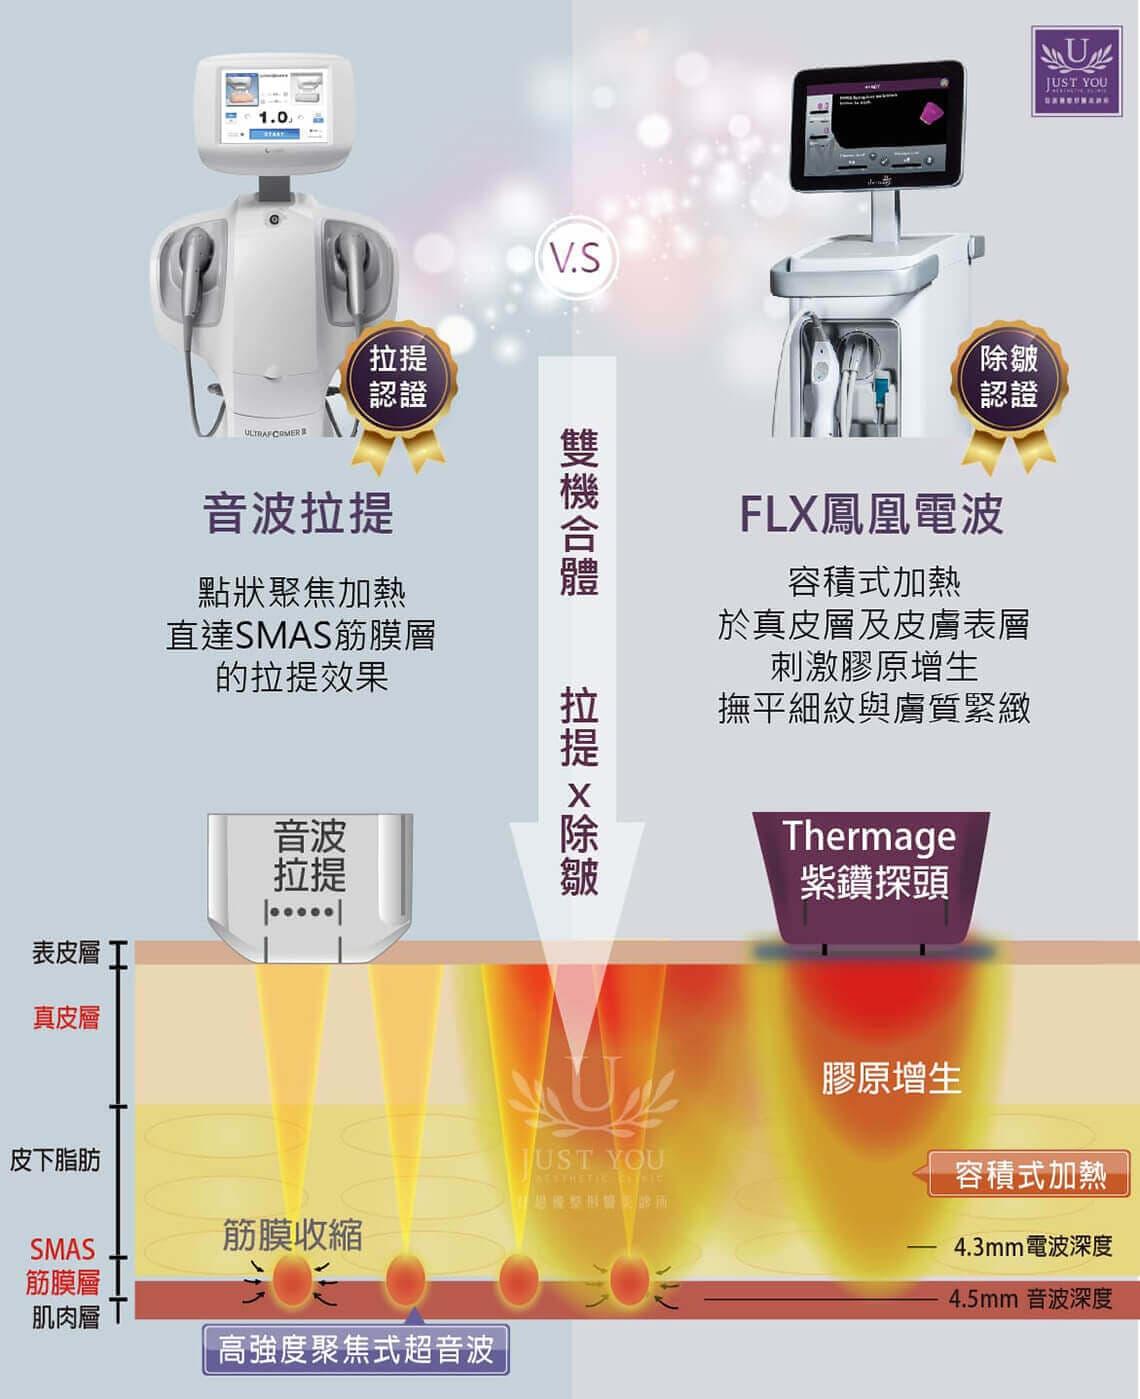 音波拉皮 V.S FLX凤凰电波